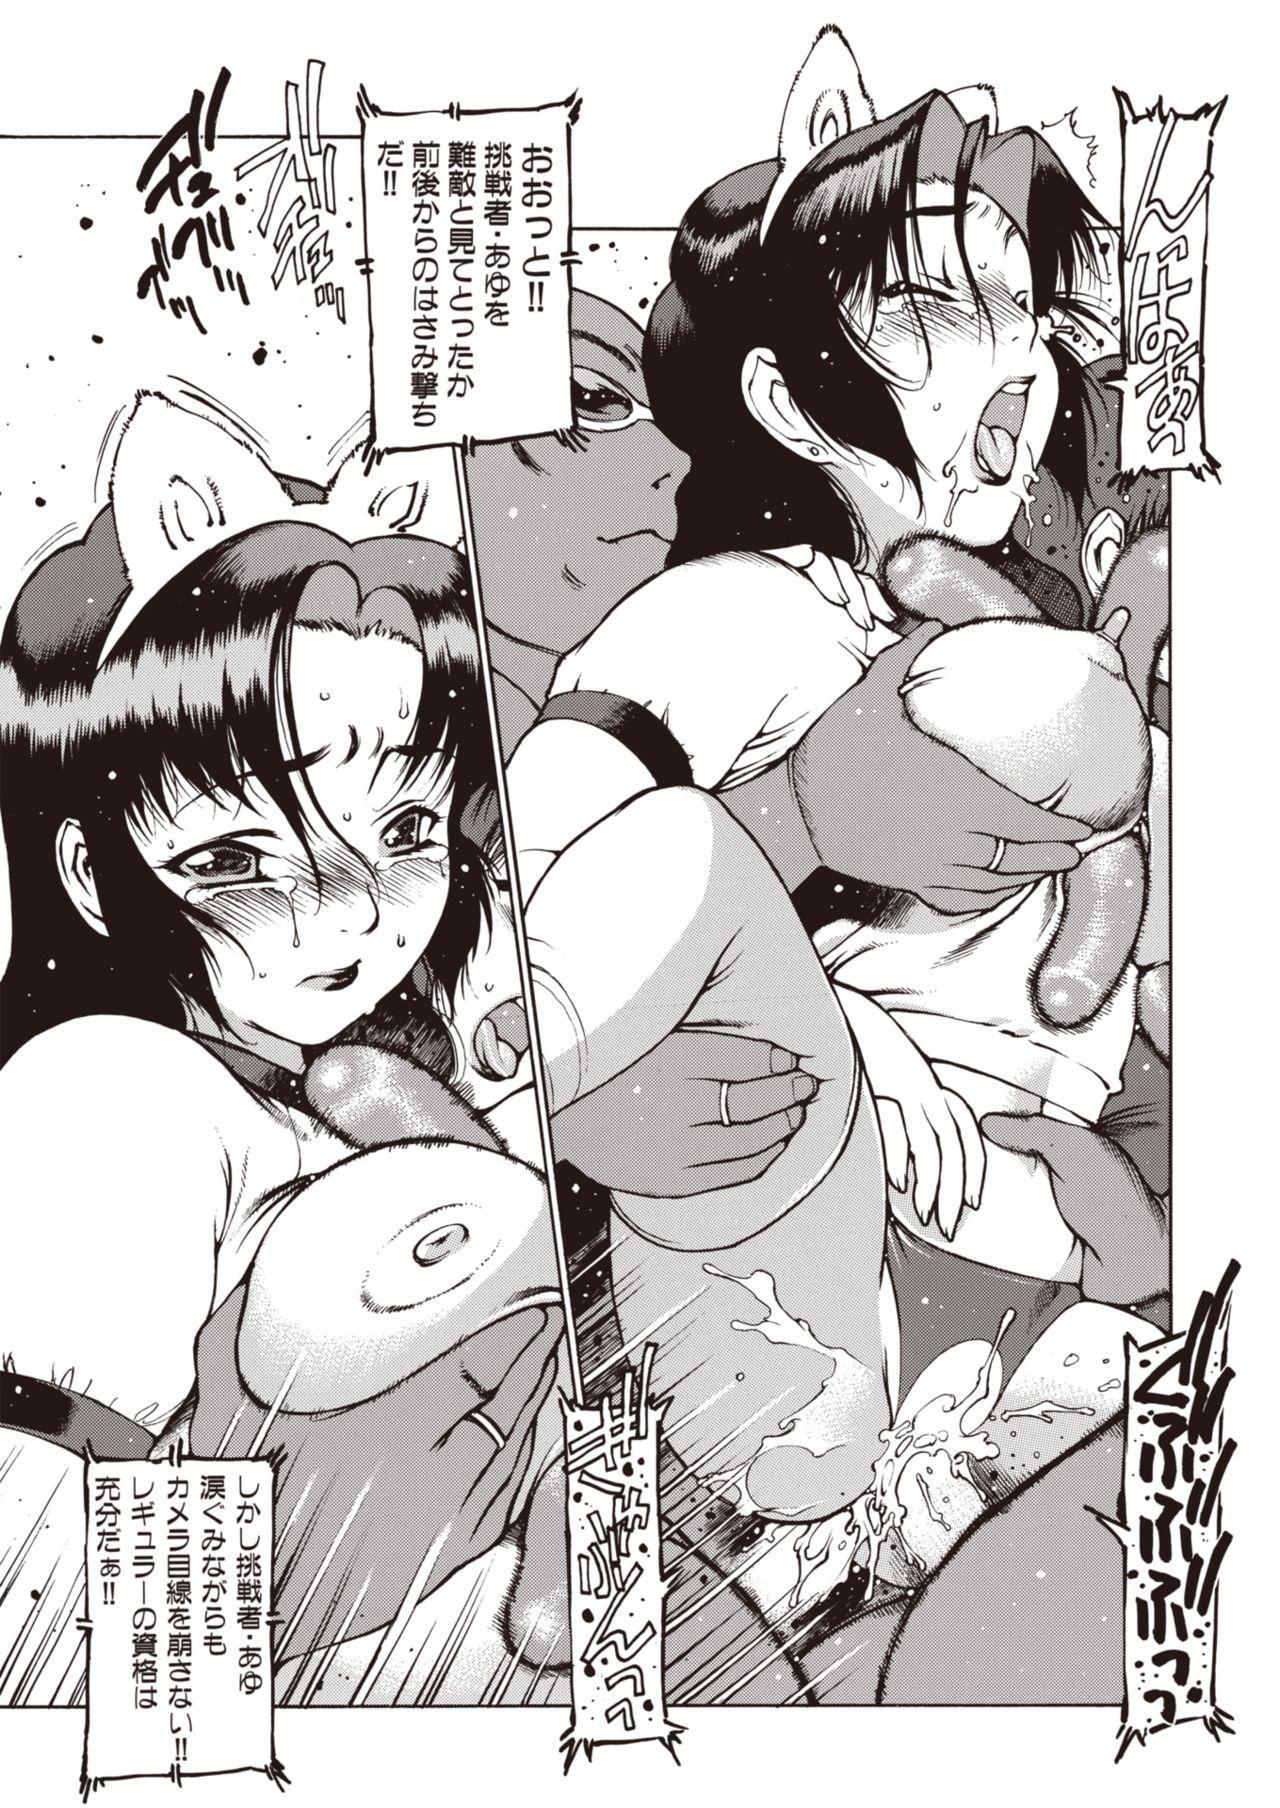 COMIC Kairakuten 25 Shuunen kinen tokubetsugou 123